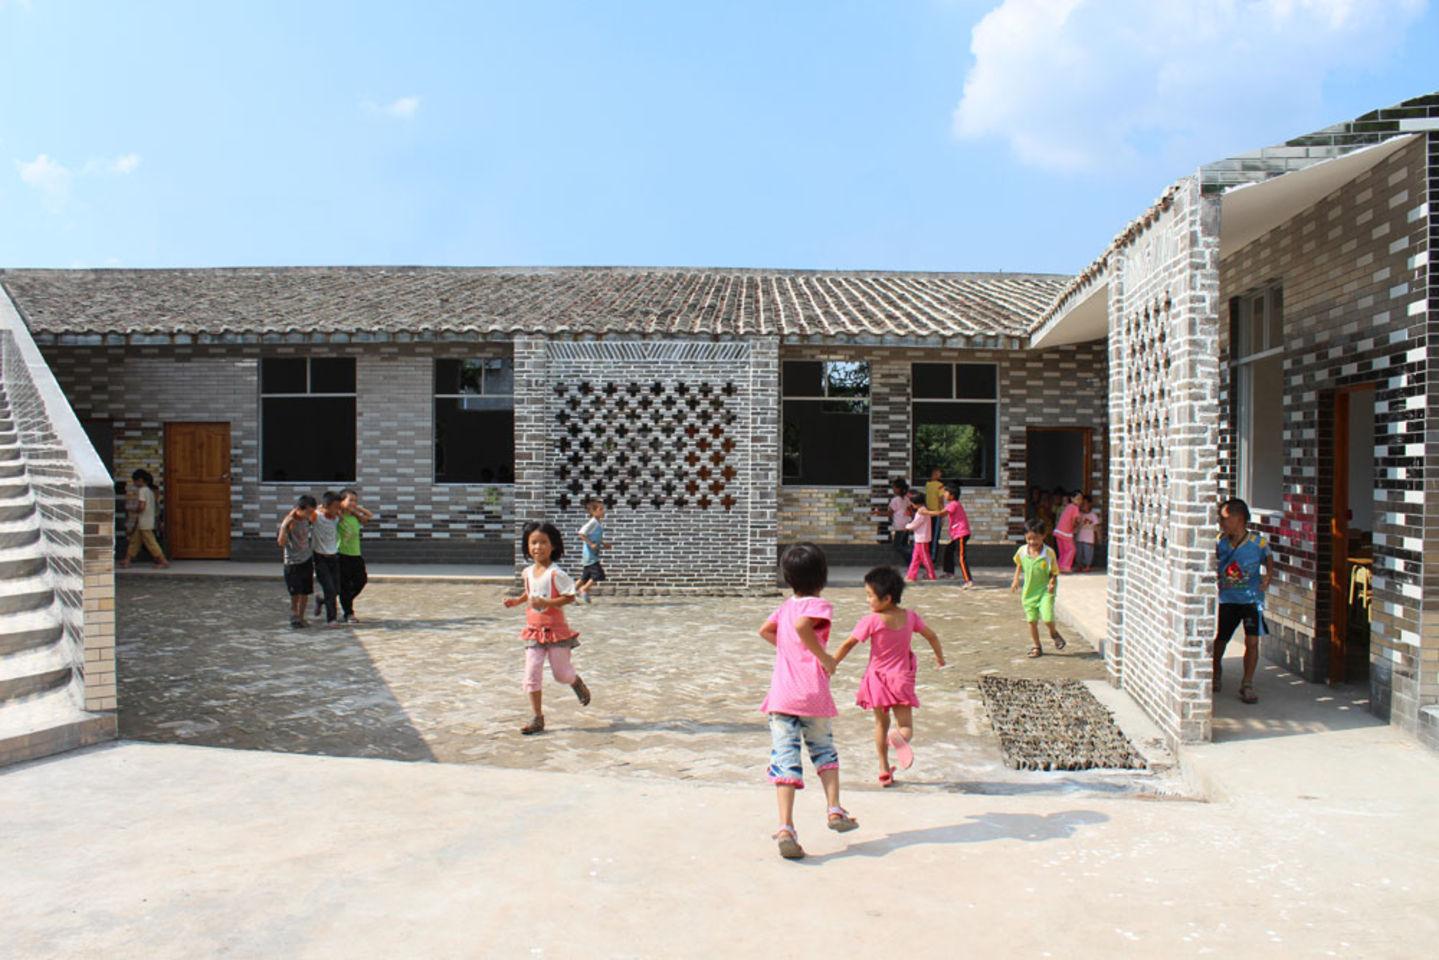 école primaire du village de Mulan dans la Province du Guangdong